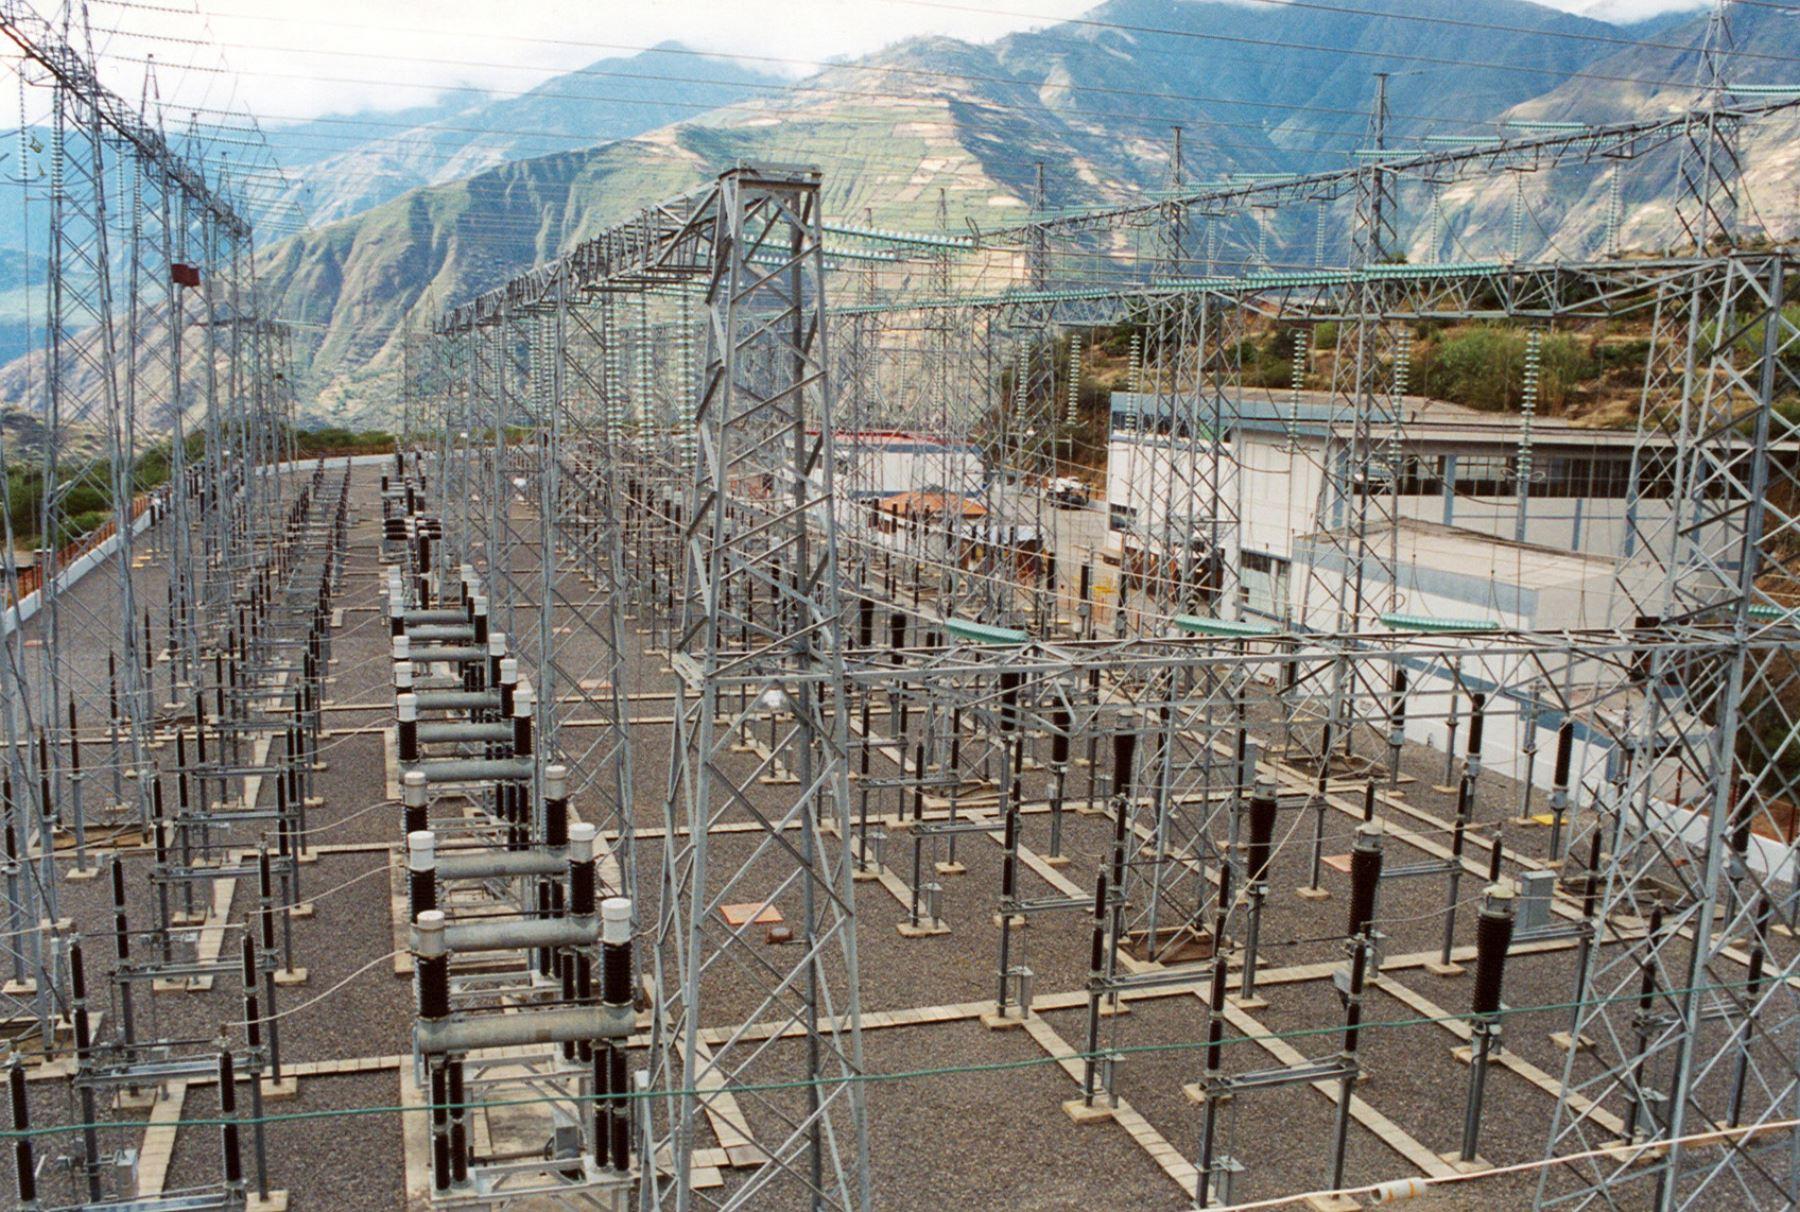 Proinversión adjudicó 2 proyectos de enlace de transmisión por US$ 272 mllns